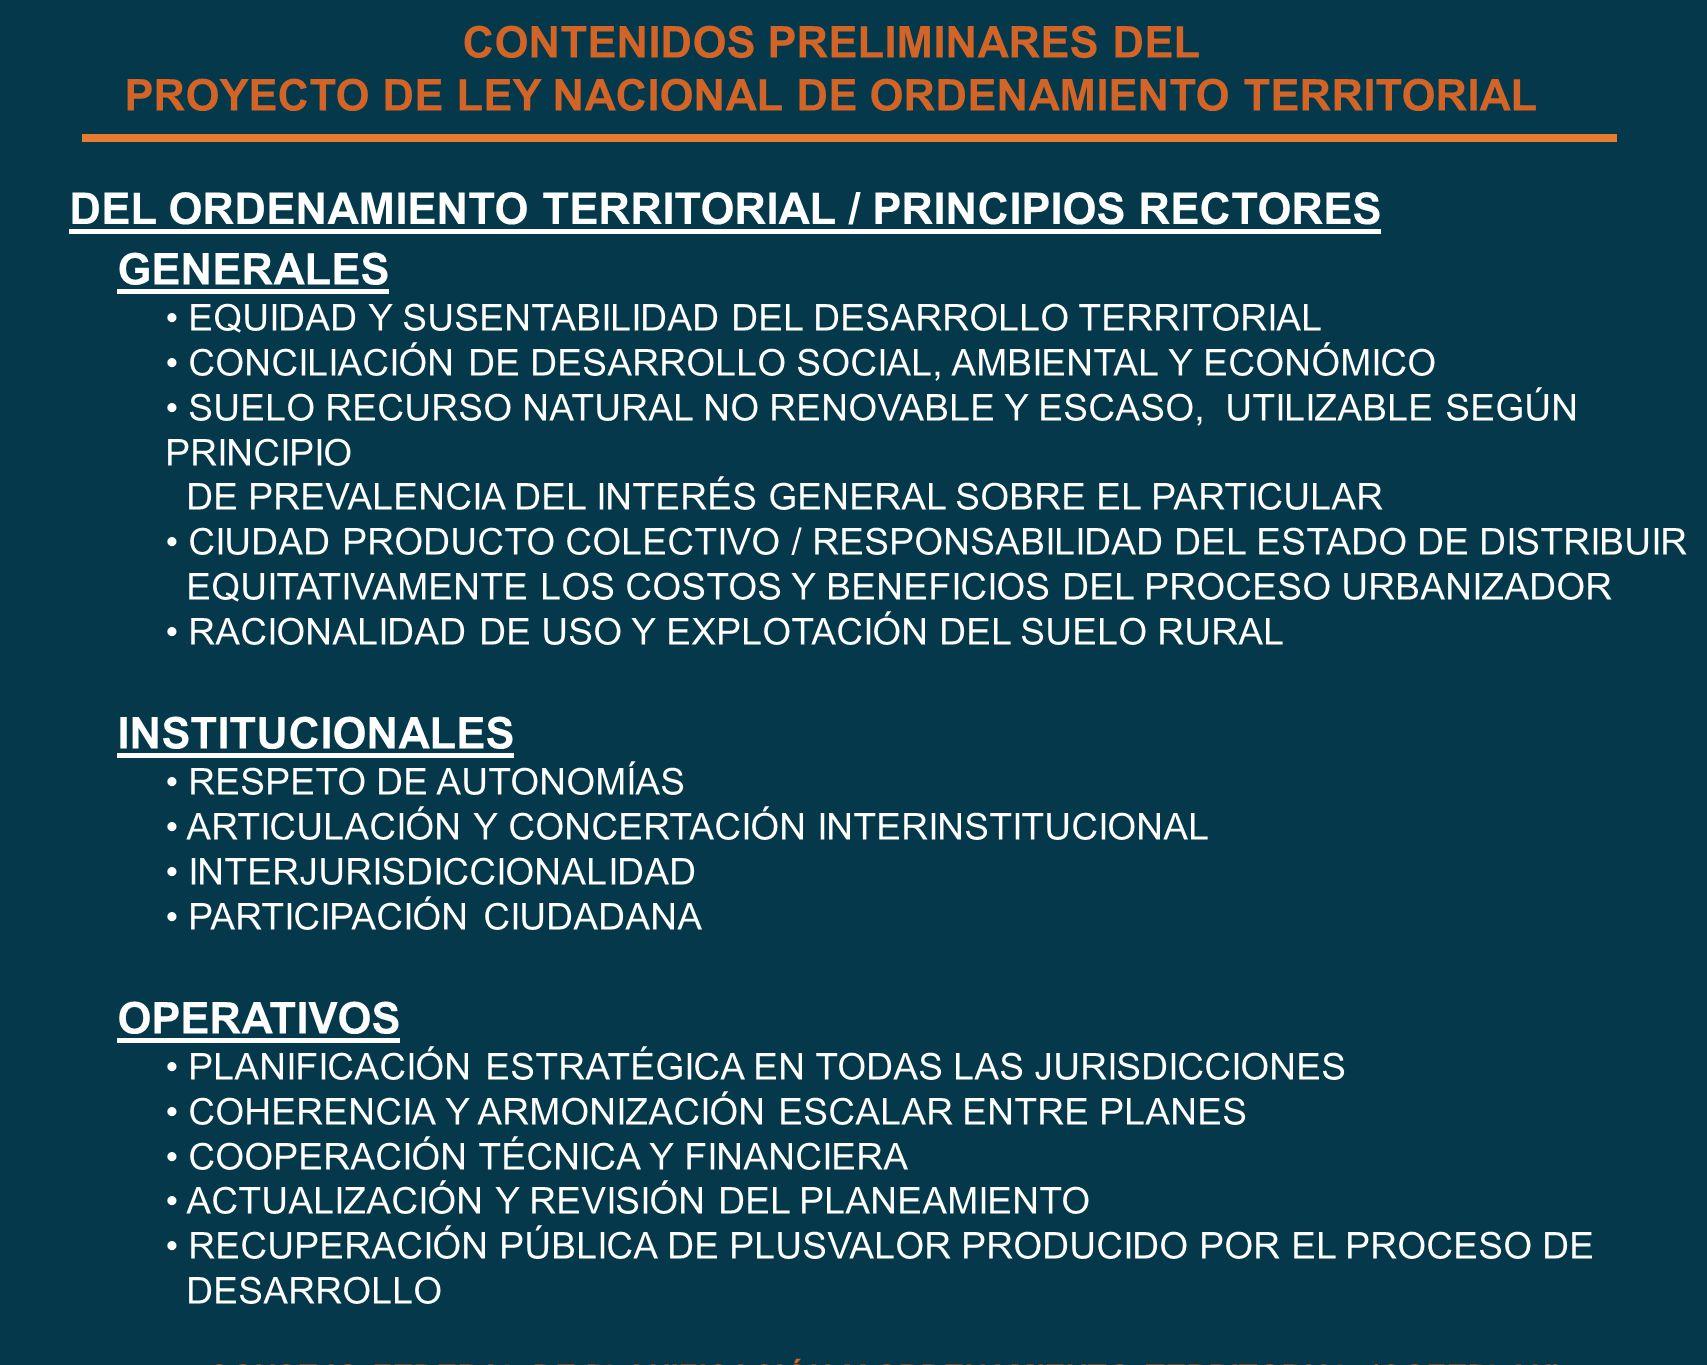 DEL ORDENAMIENTO TERRITORIAL / PRINCIPIOS RECTORES GENERALES EQUIDAD Y SUSENTABILIDAD DEL DESARROLLO TERRITORIAL CONCILIACIÓN DE DESARROLLO SOCIAL, AM